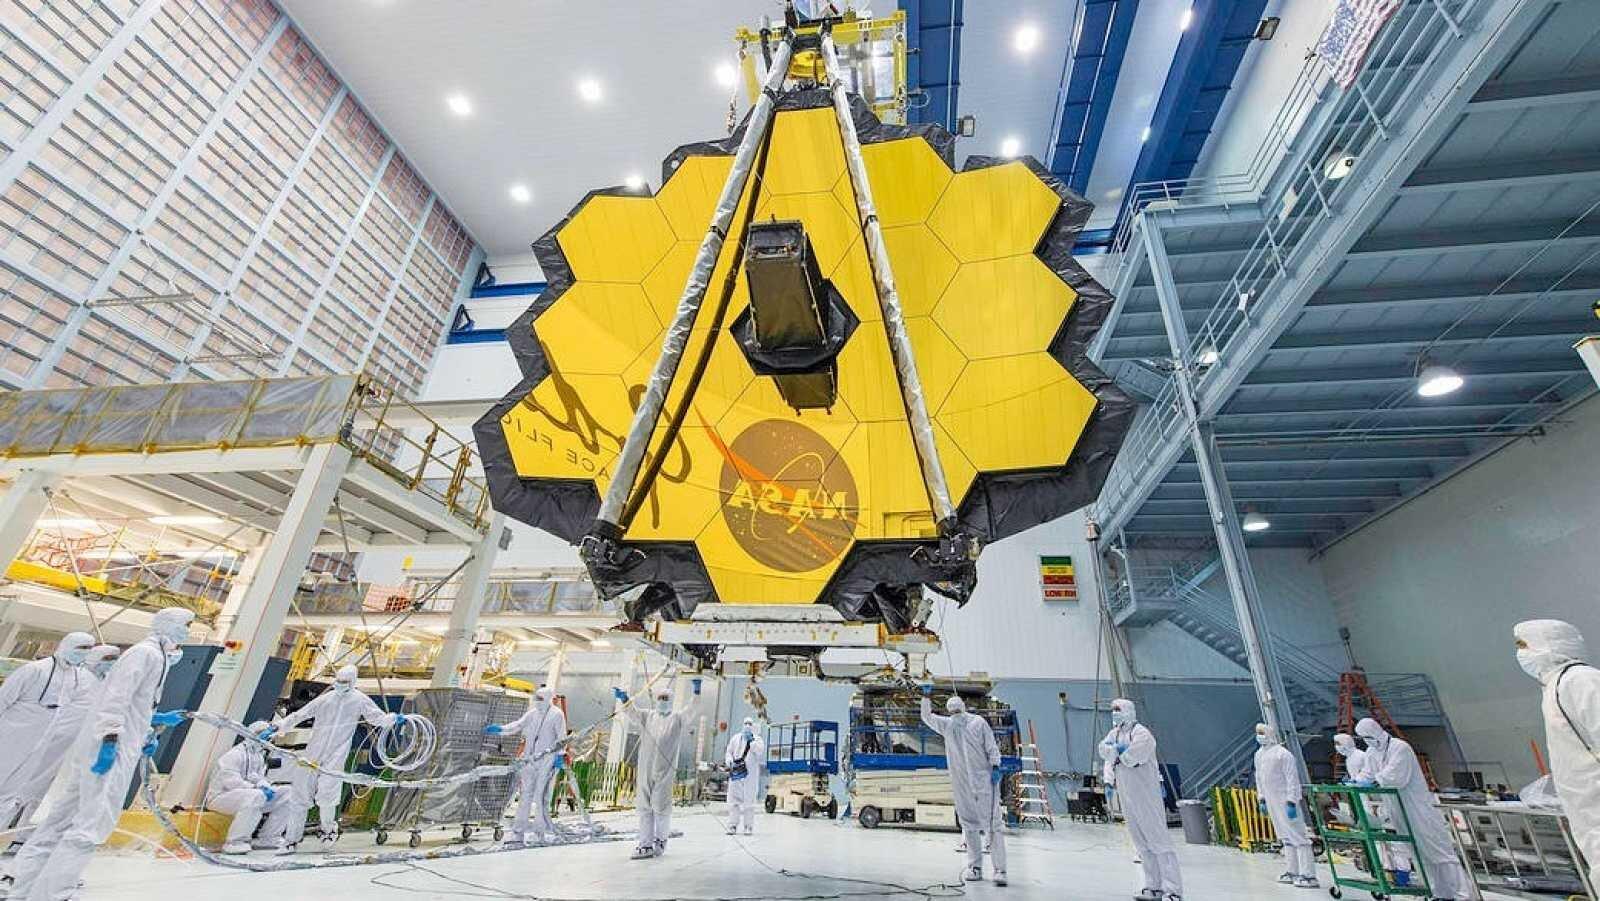 NASA buscará poner en órbita al James Webb el próximo 18 de diciembre